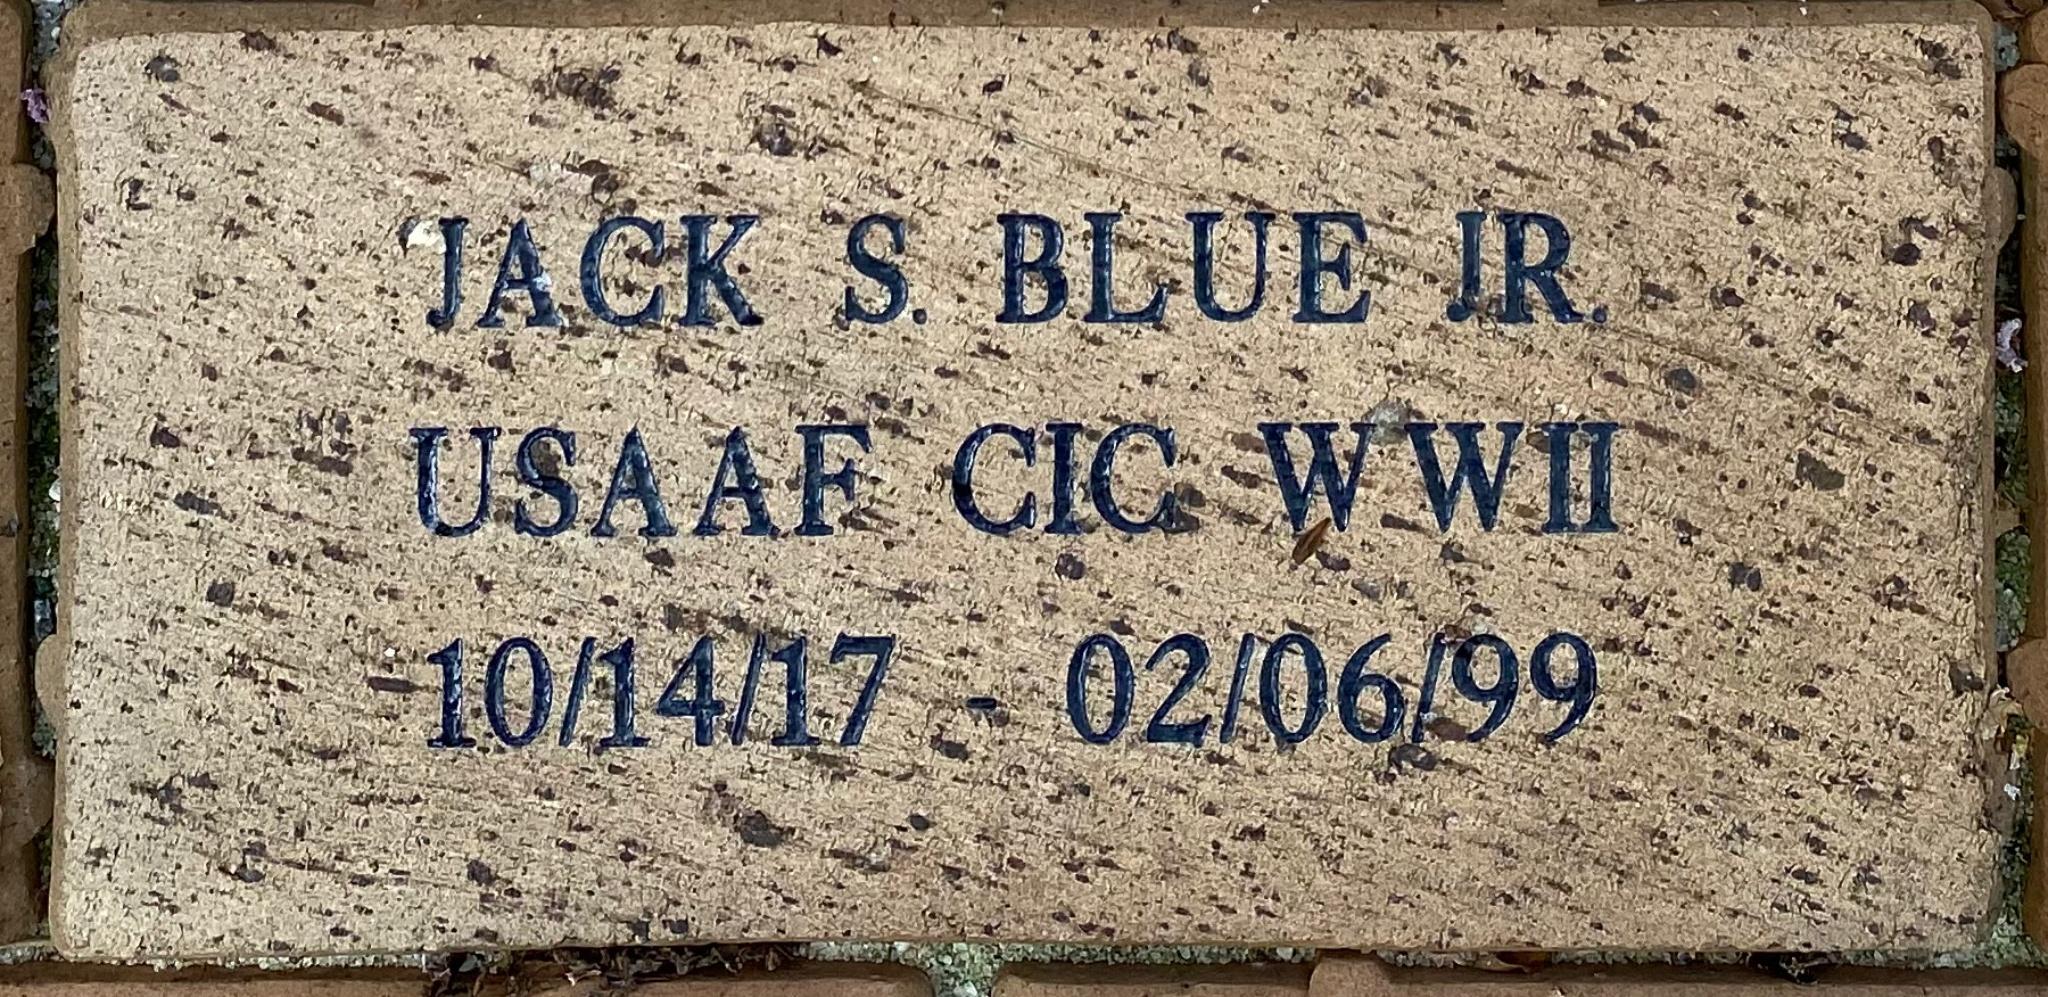 JACK S. BLUE JR USAAF CIC WWII 10/14/17 – 2/06/99